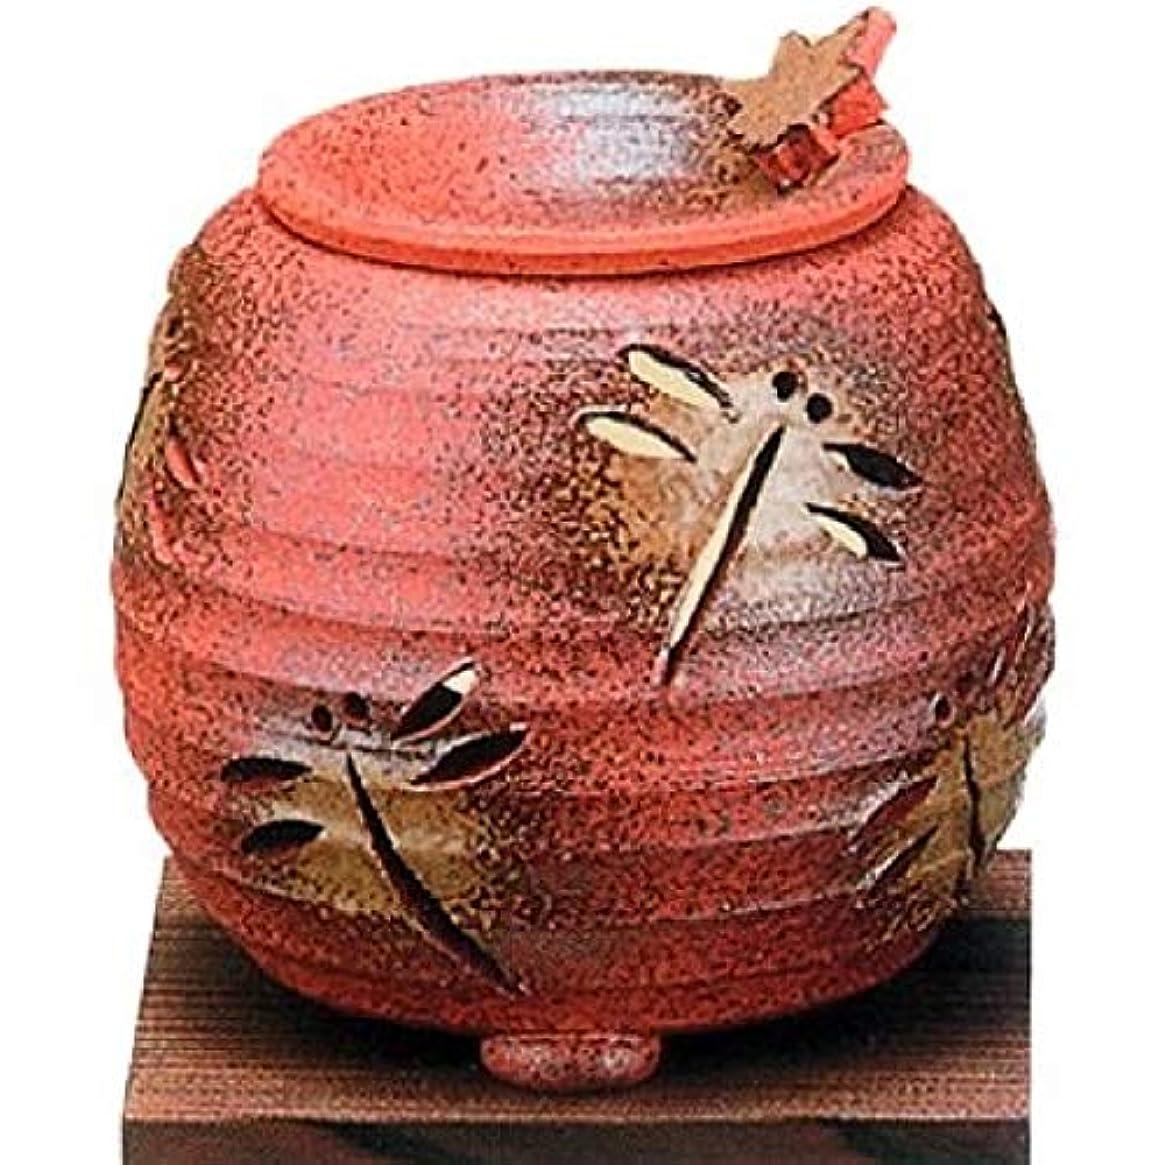 リンケージ放出シャンパン【常滑焼】石龍 焼〆千段トンボ茶香炉   千段トンボ透かし  φ11×H11㎝ 3-830